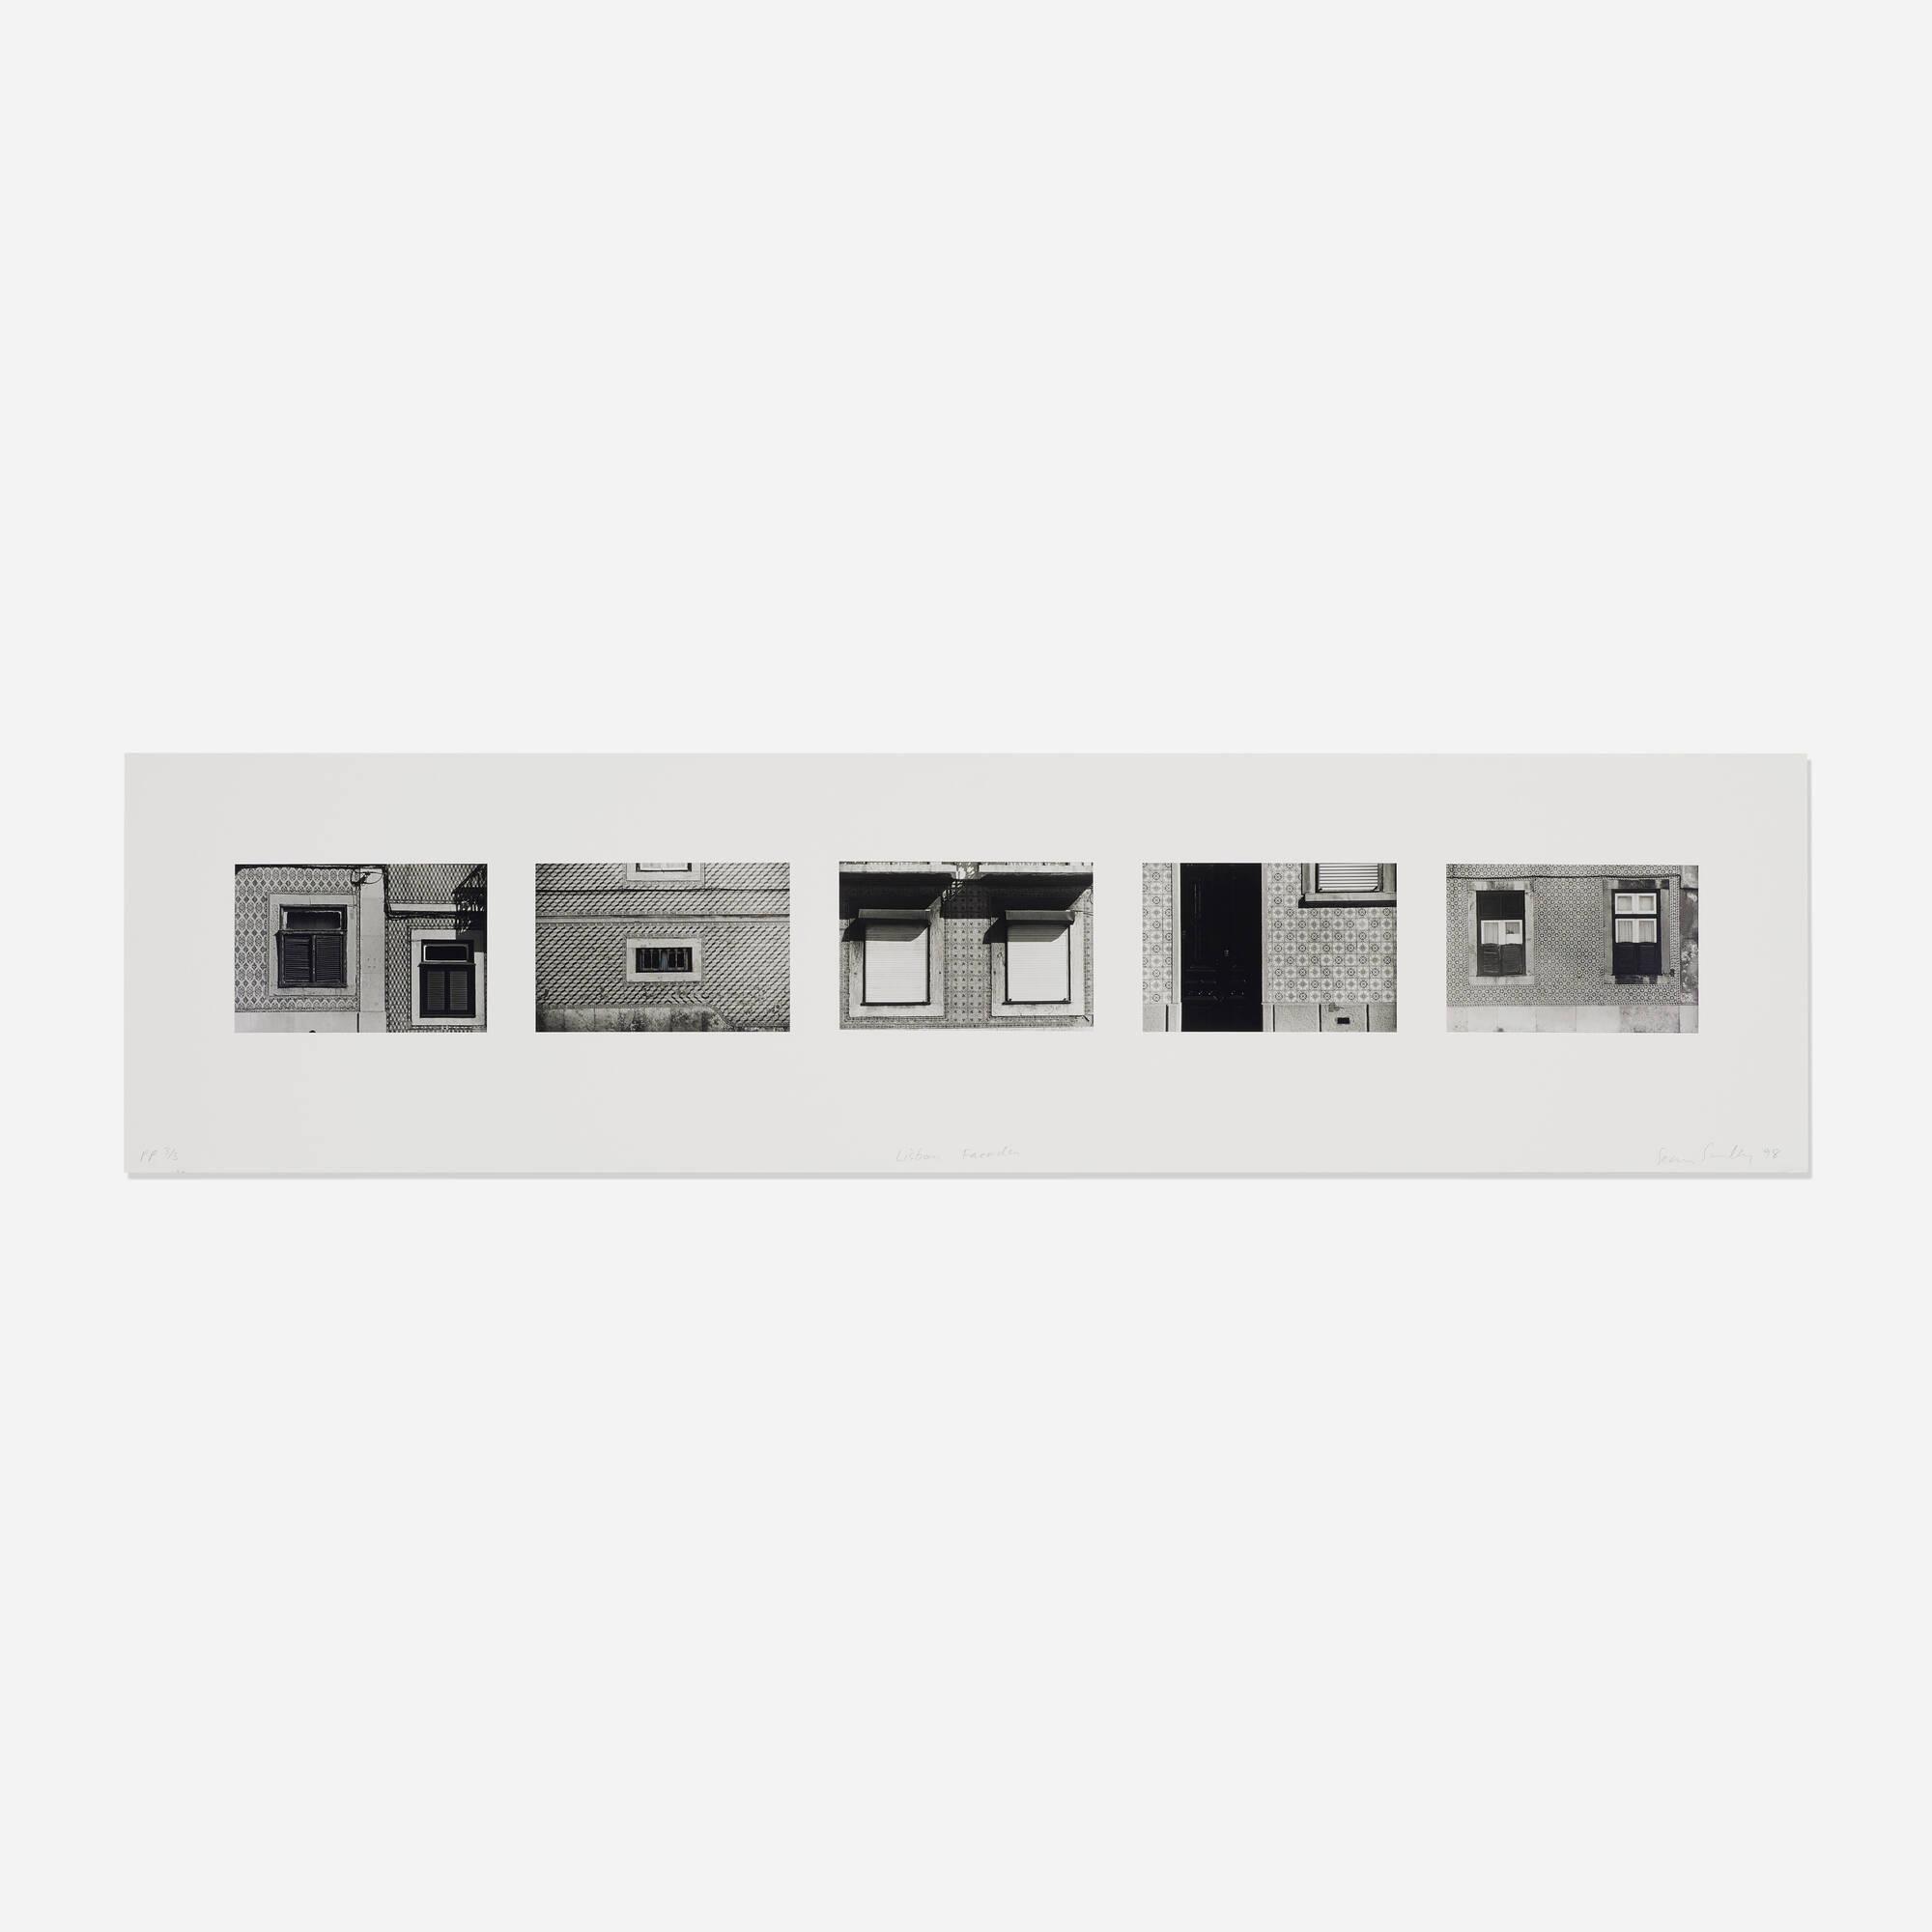 180: Sean Scully / Lisbon Facades (1 of 1)